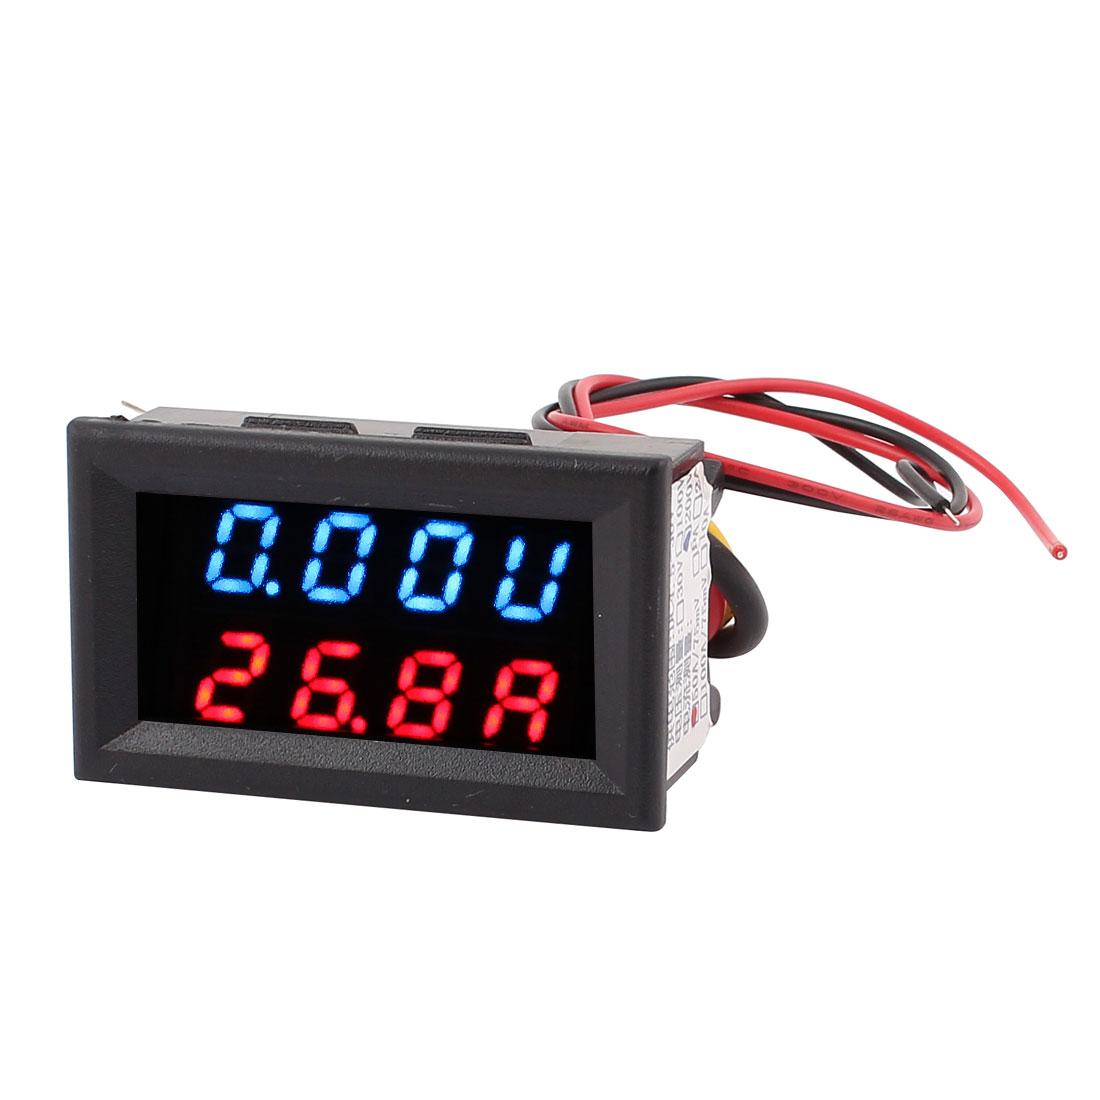 DC 0-200V 0-50A Blue Red LED Dual Digital Display Panel Voltmeter Ammeter Meter